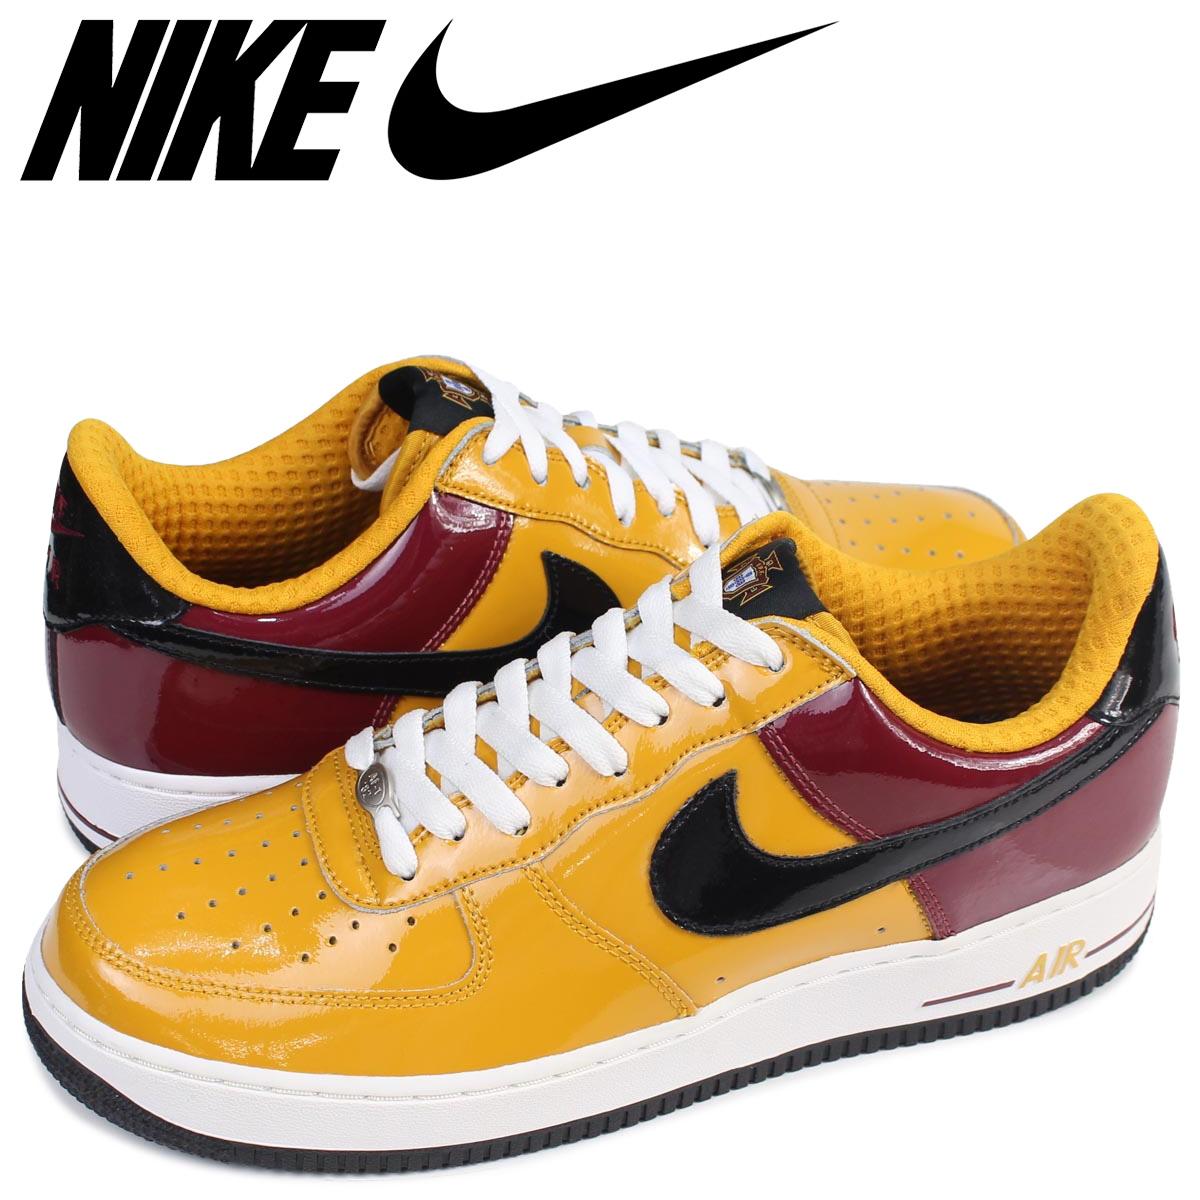 NIKE Nike air force 1 sneakers AIR FORCE 1 LOW PREMIUM PORTUGAL 309,096 701 low men shoes yellow